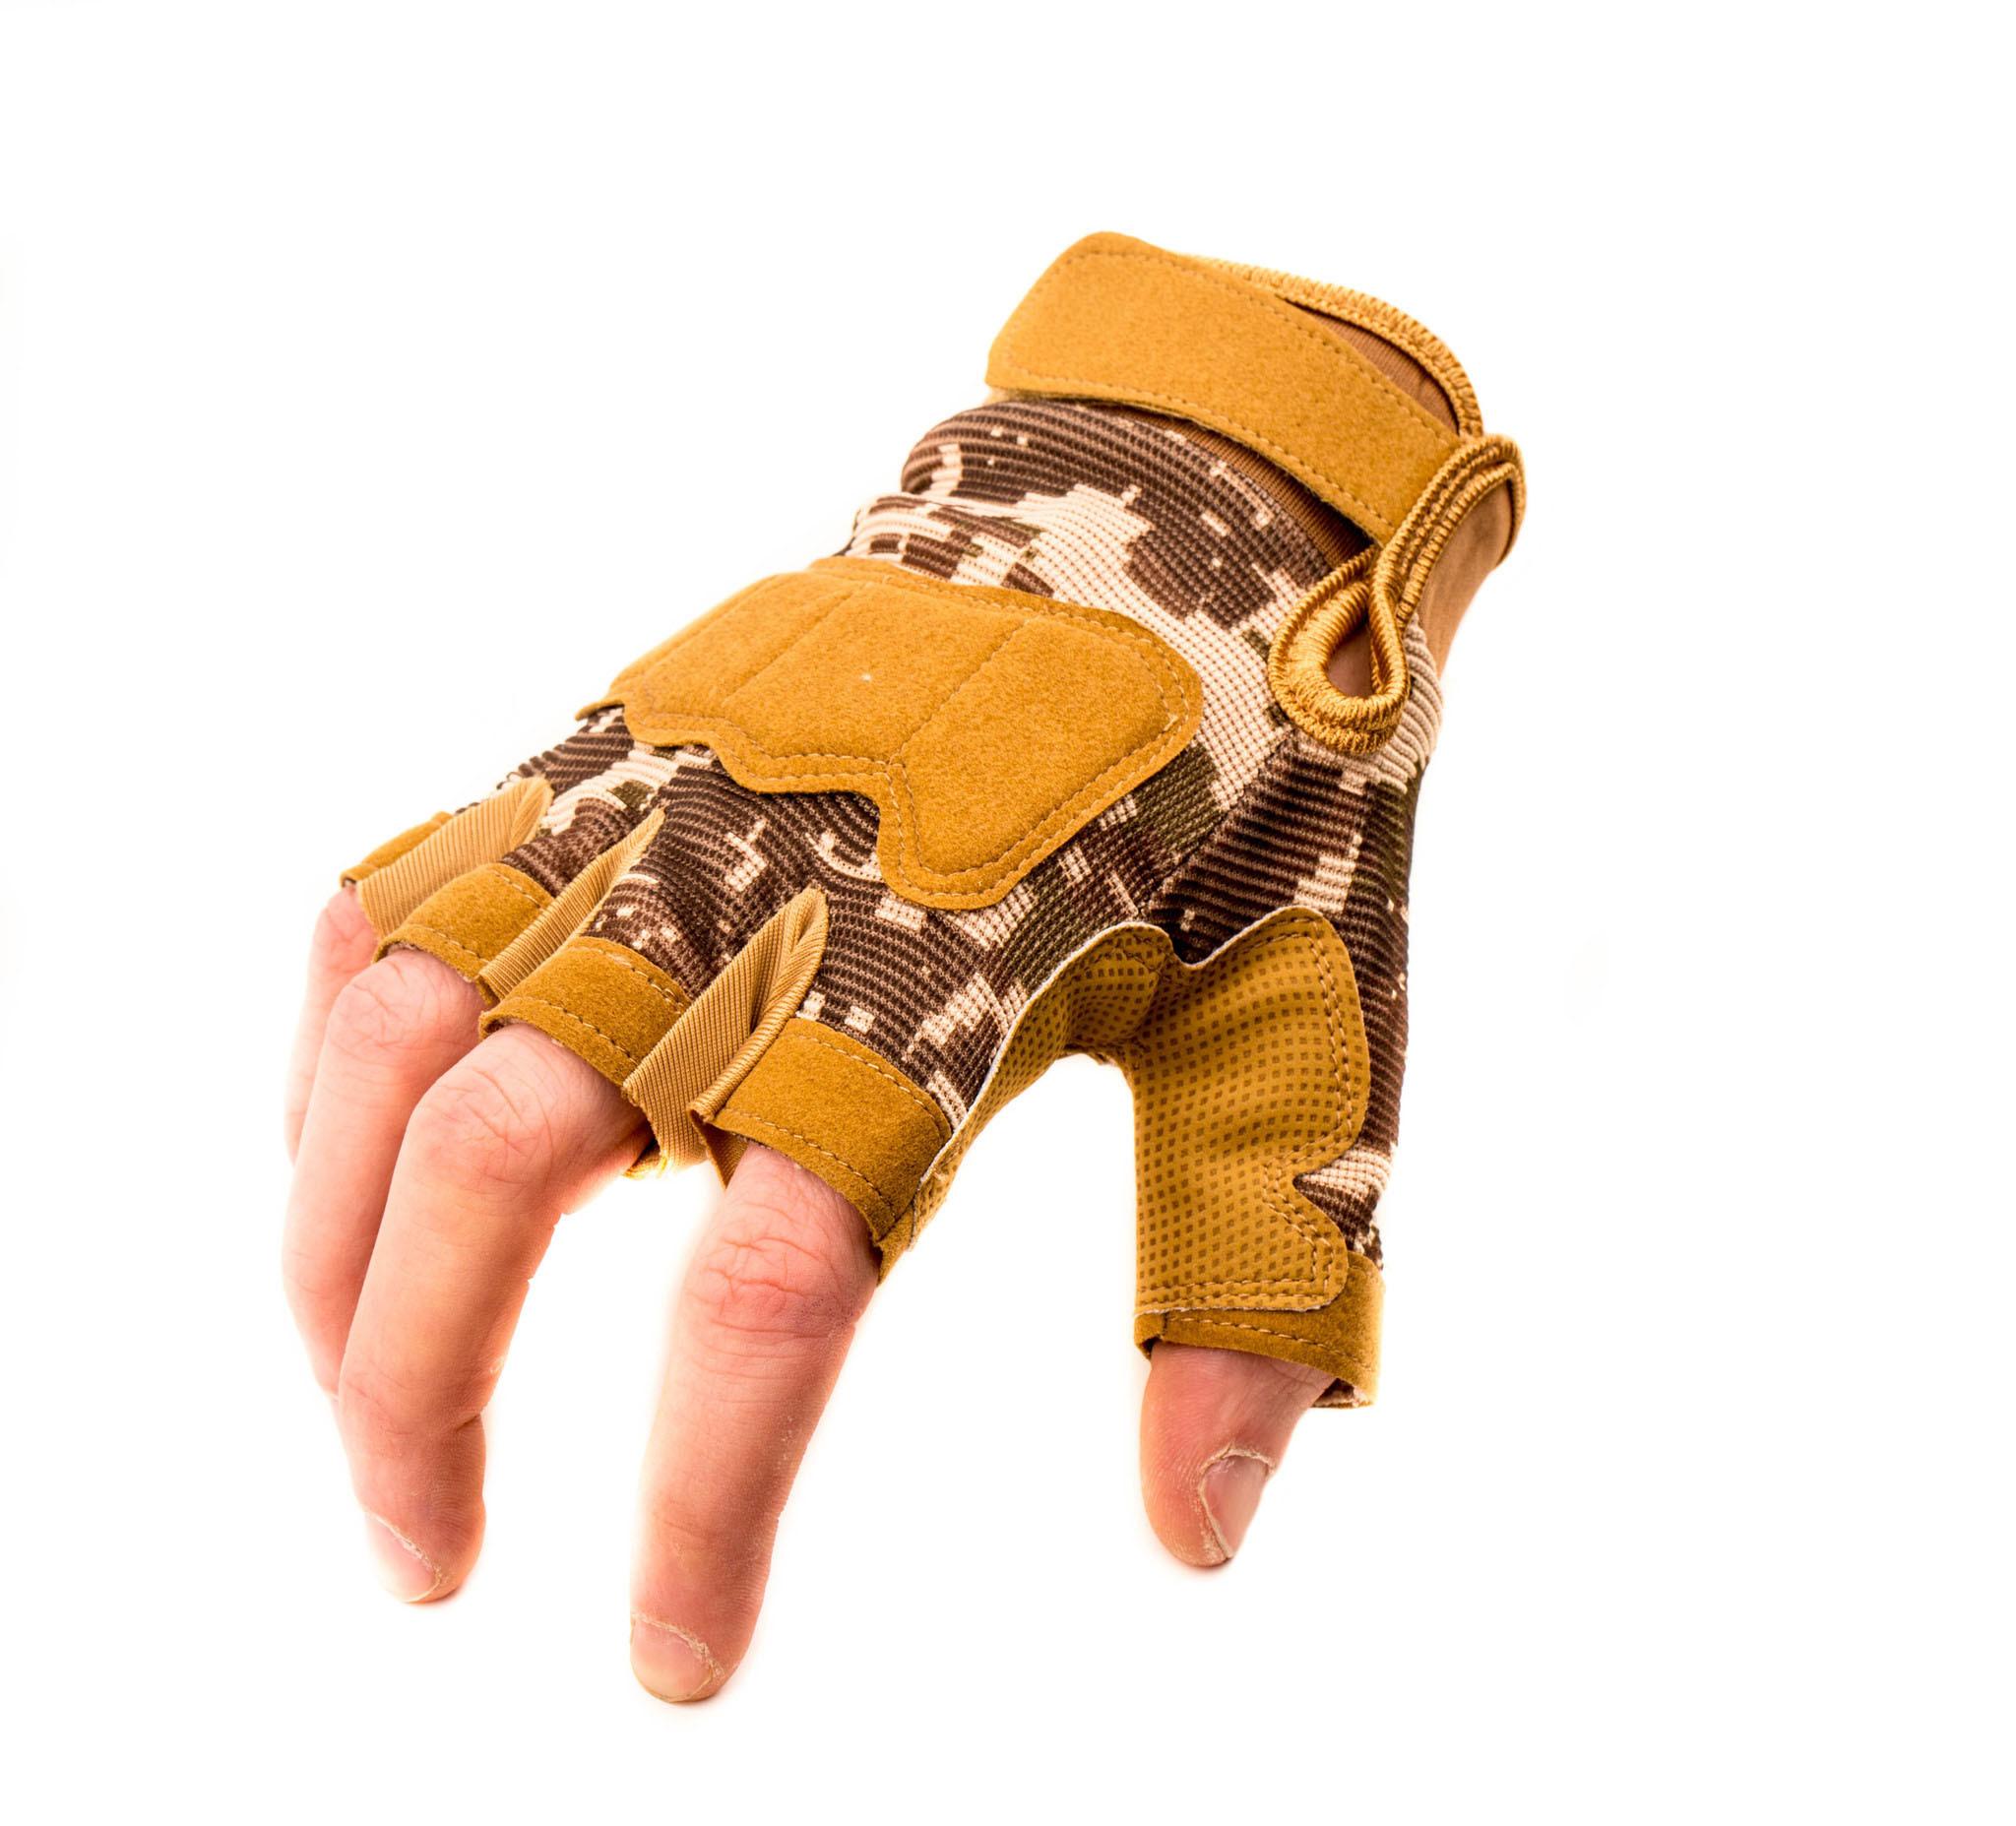 Тактические перчатки без пальцев Safari, размер XL от China Factory